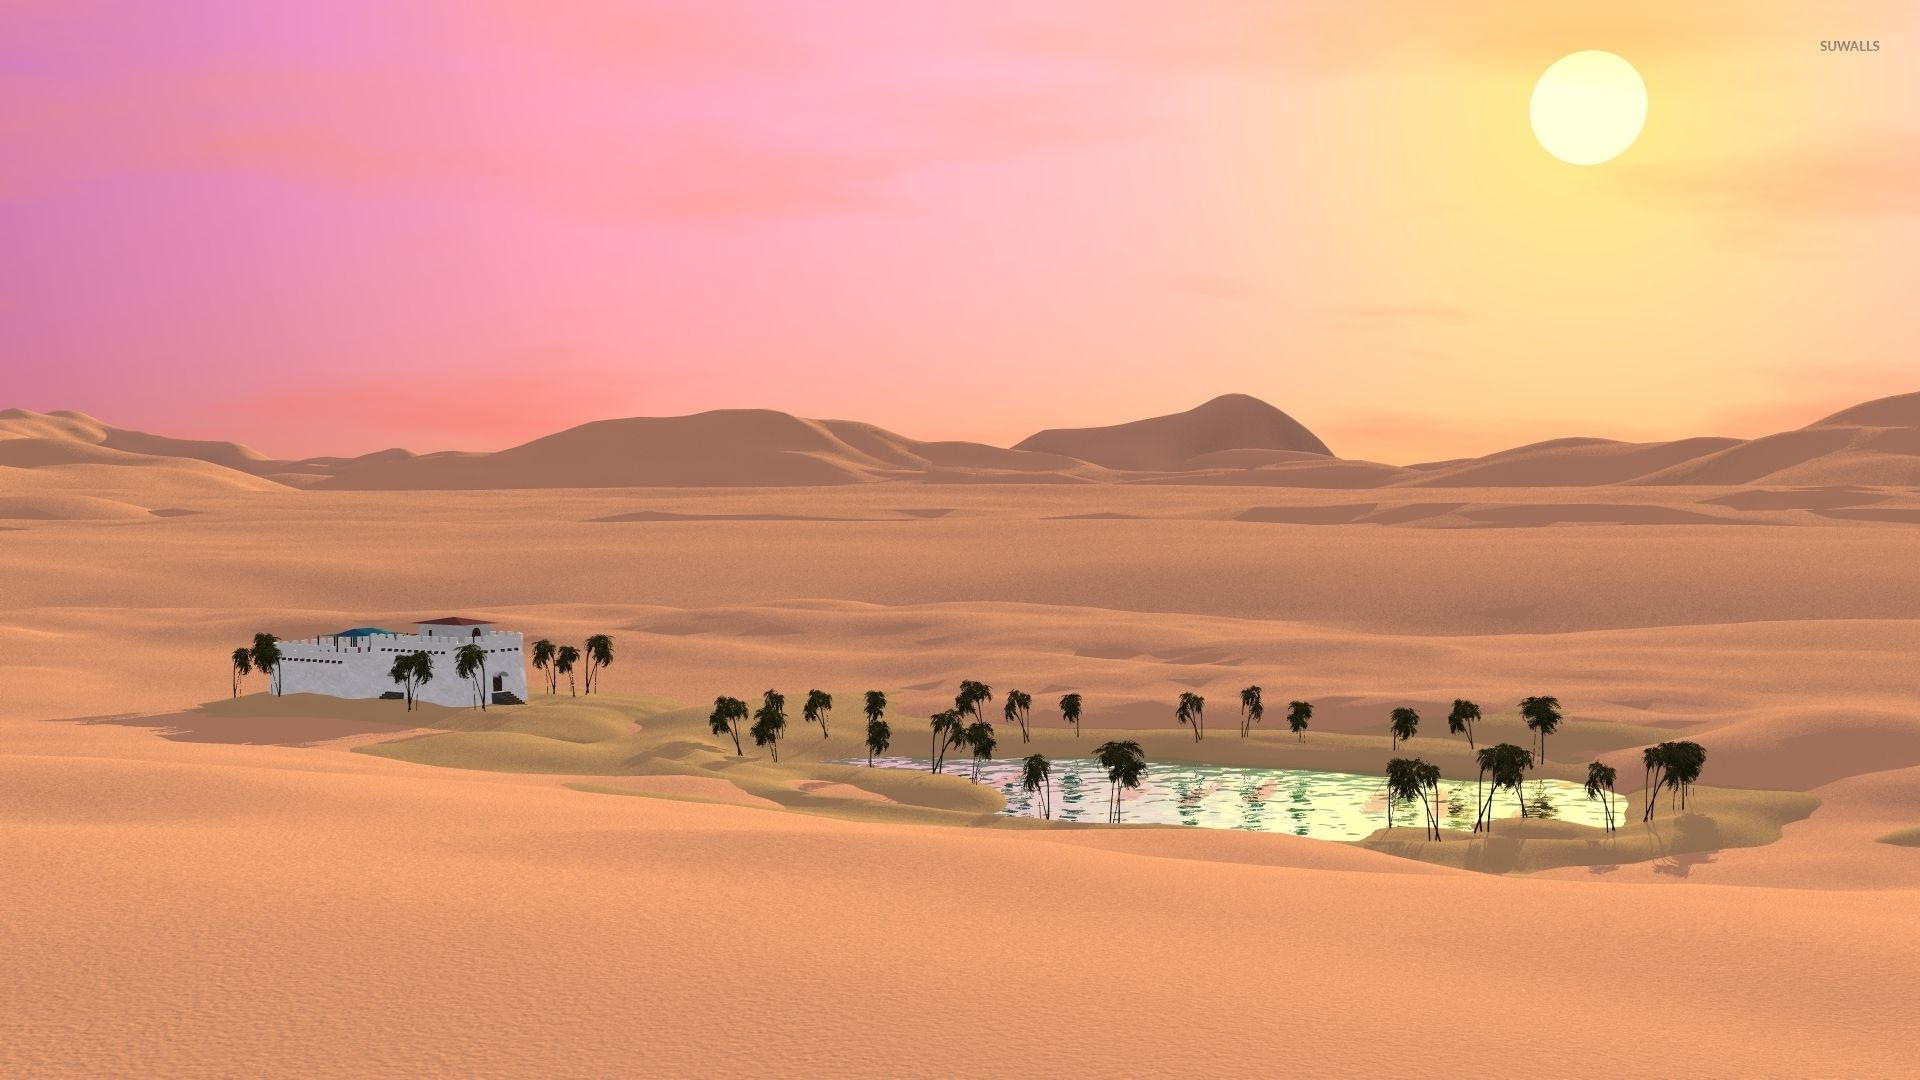 Desert Sunrise Wallpapers - Top Free Desert Sunrise